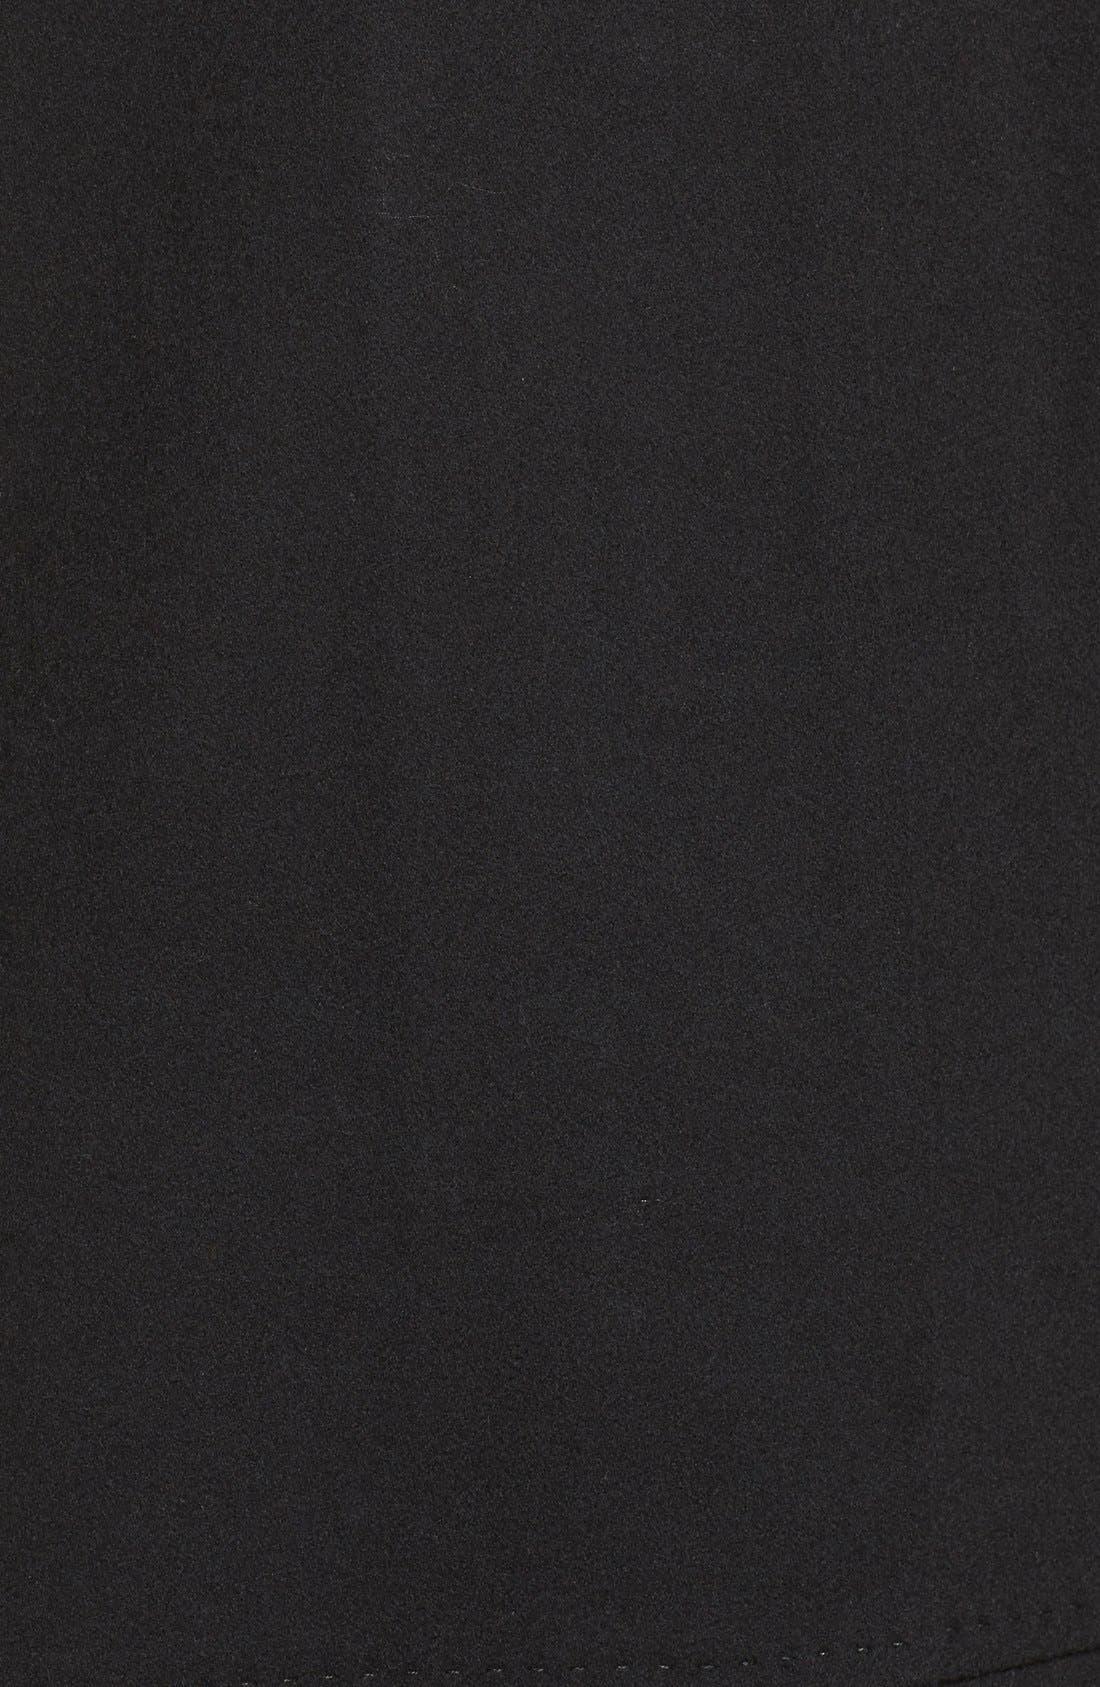 Loro Piana Wool Car Coat,                             Alternate thumbnail 5, color,                             Black